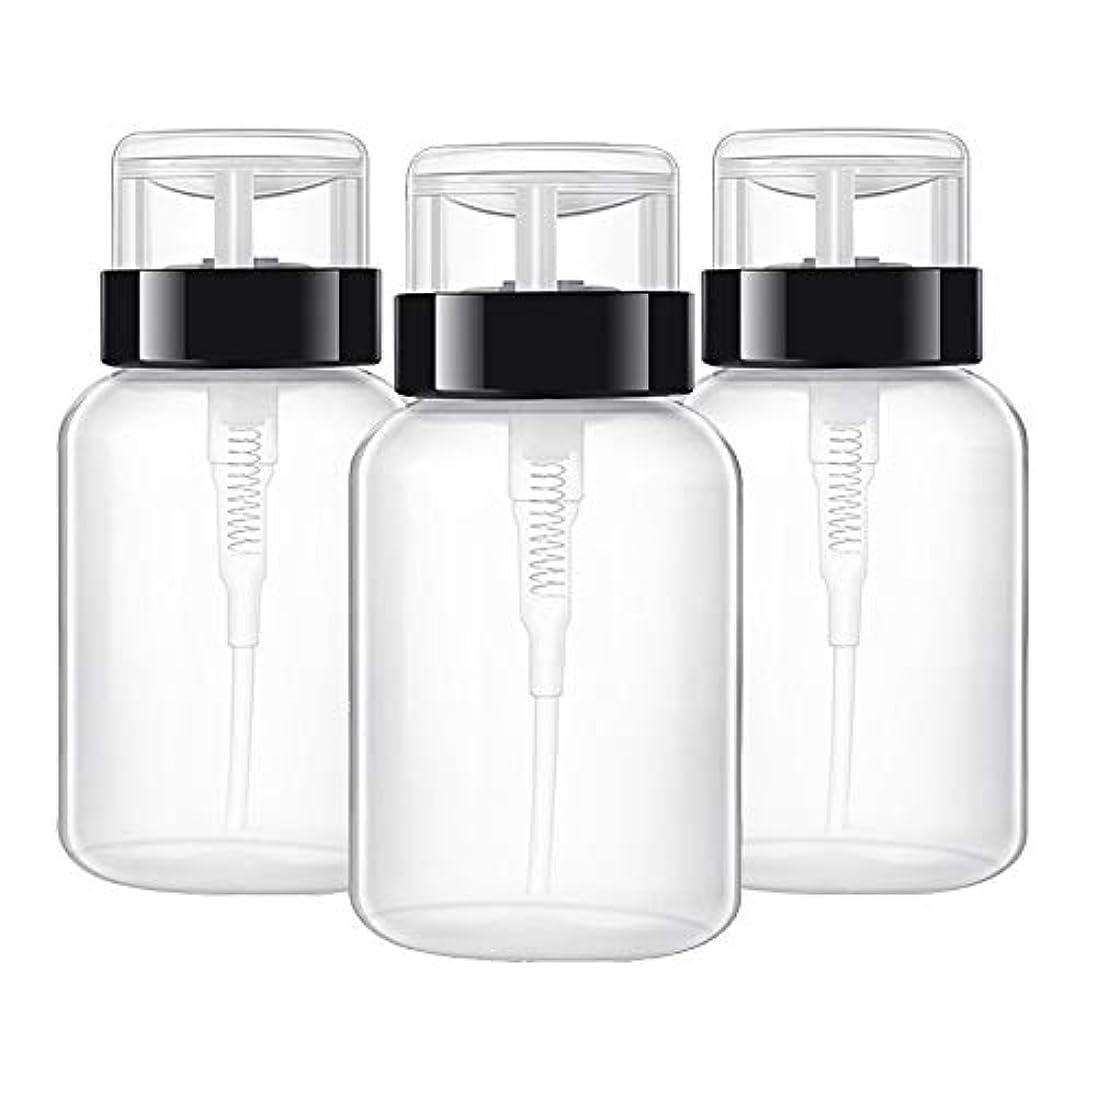 マニキュアツールツール 空ポンプ ボトル ネイルクリーナーボトル ポンプディスペンサー ジェルクリーナー 200ミリリットル 3ピース